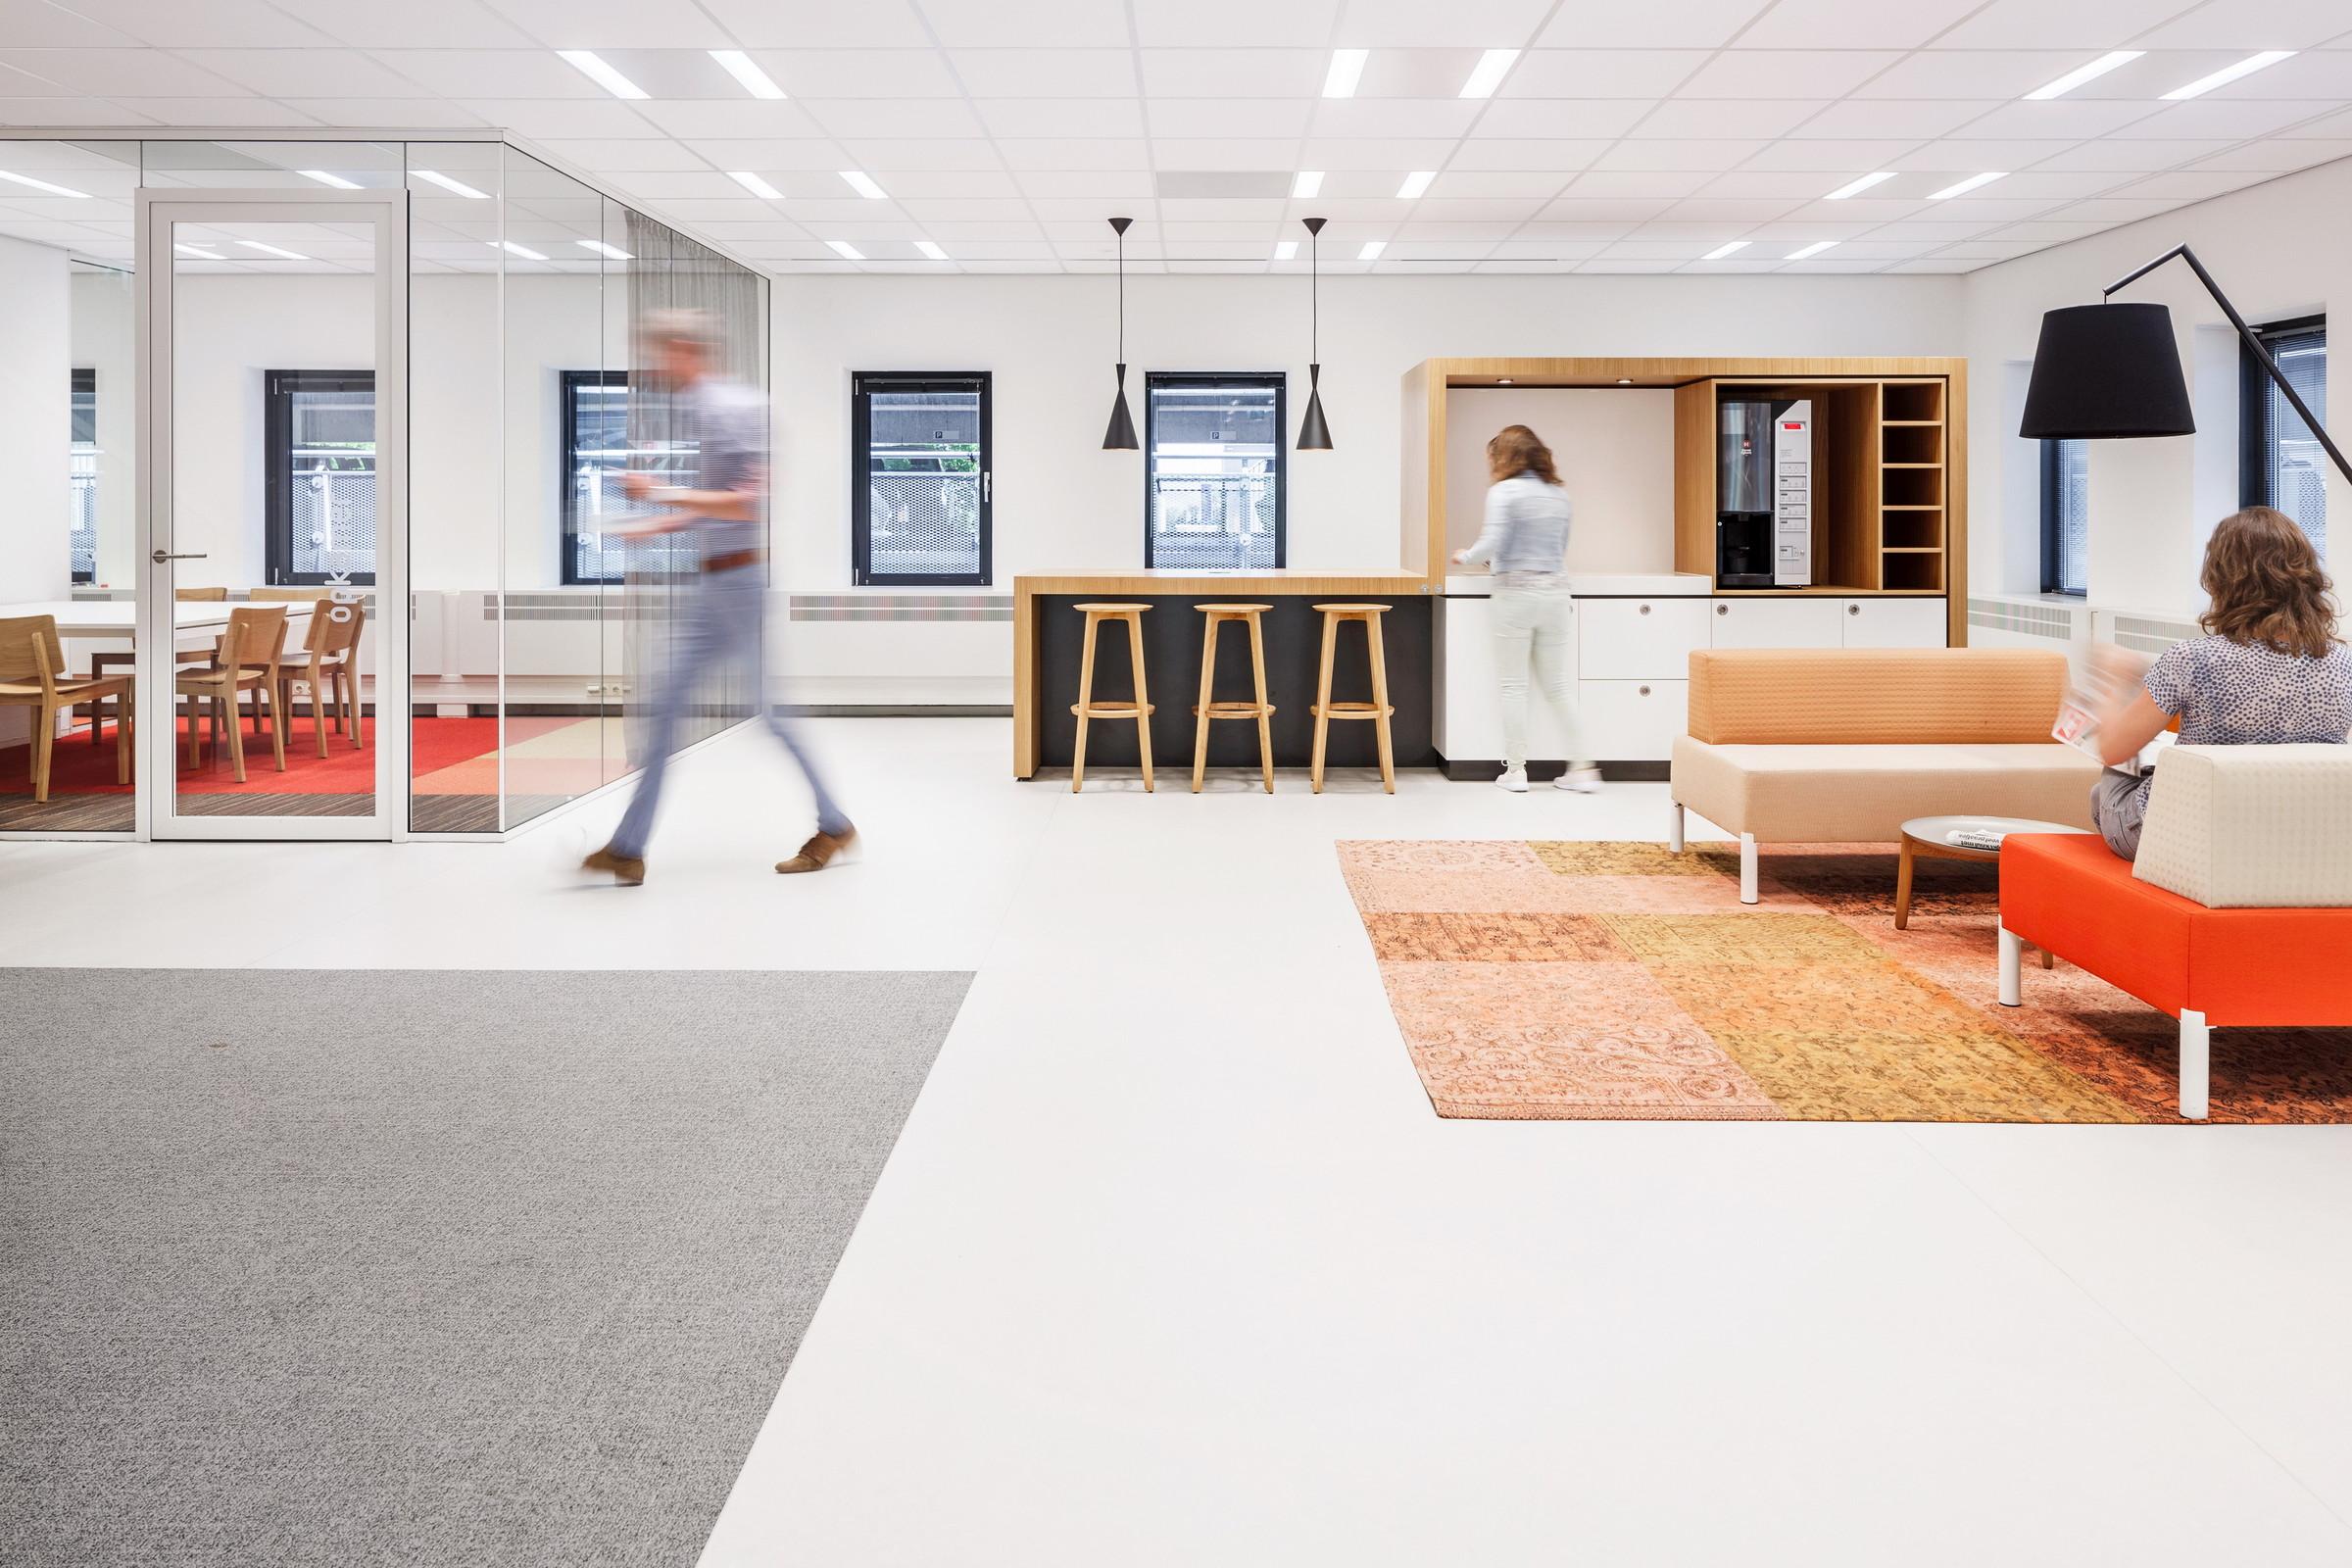 Vereniging eigen huis zecc architecten for Eigen huis interieur abonnement